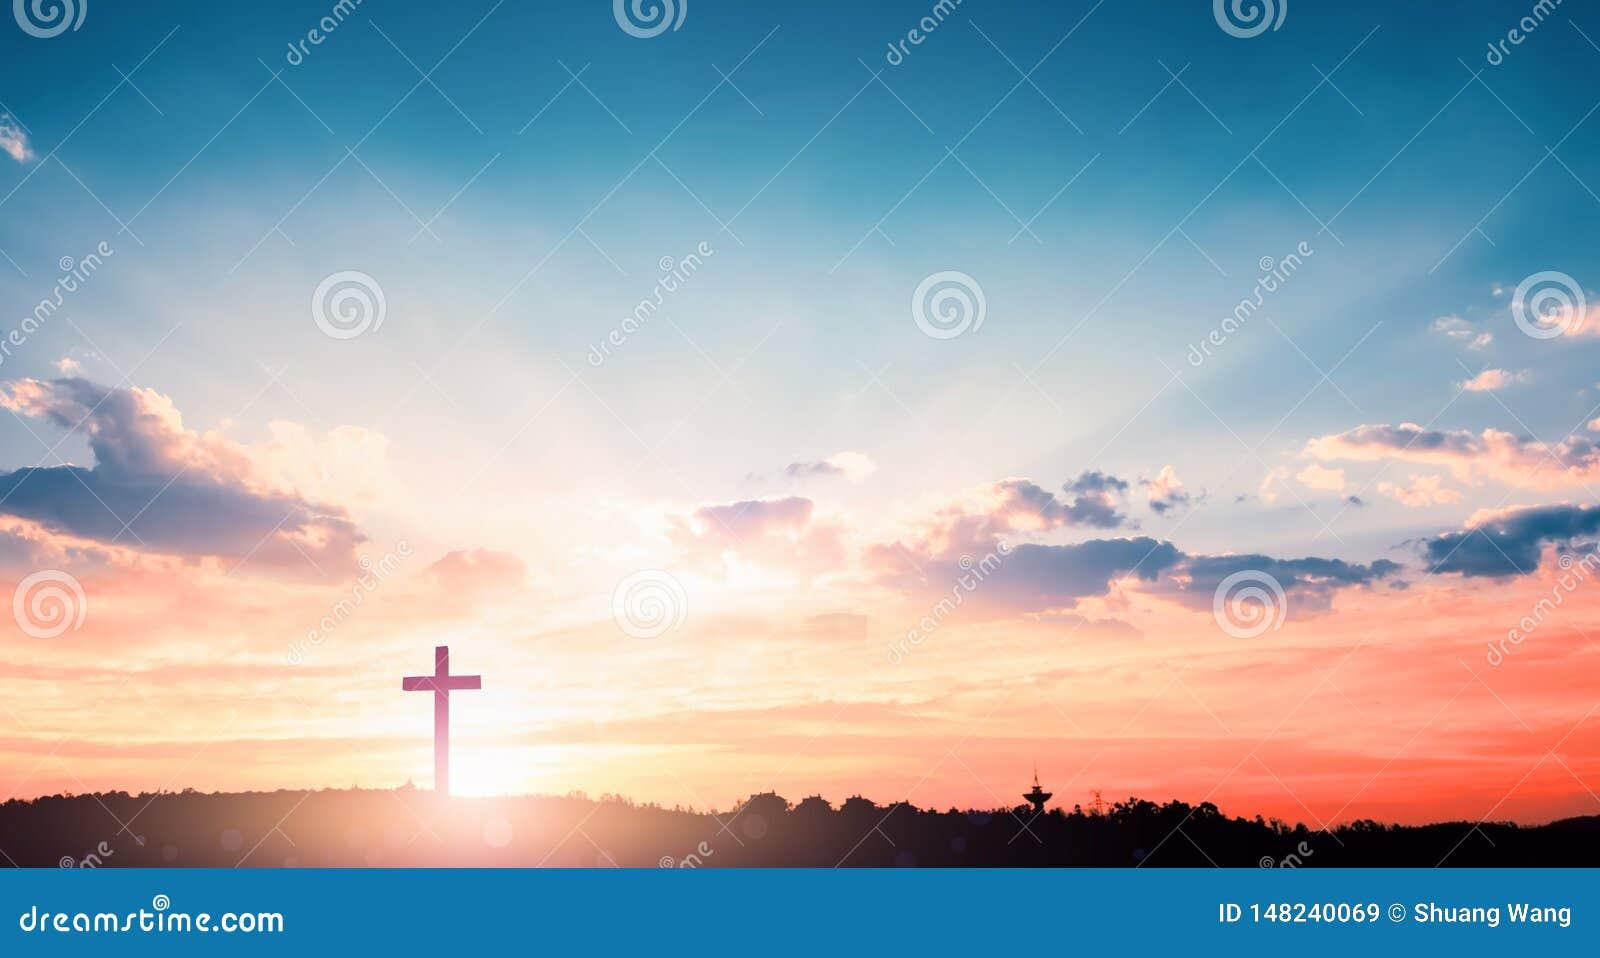 Έννοια σωτηρίας: Το διαγώνιο σύμβολο του Χριστιανού και του Ιησούς Χριστού